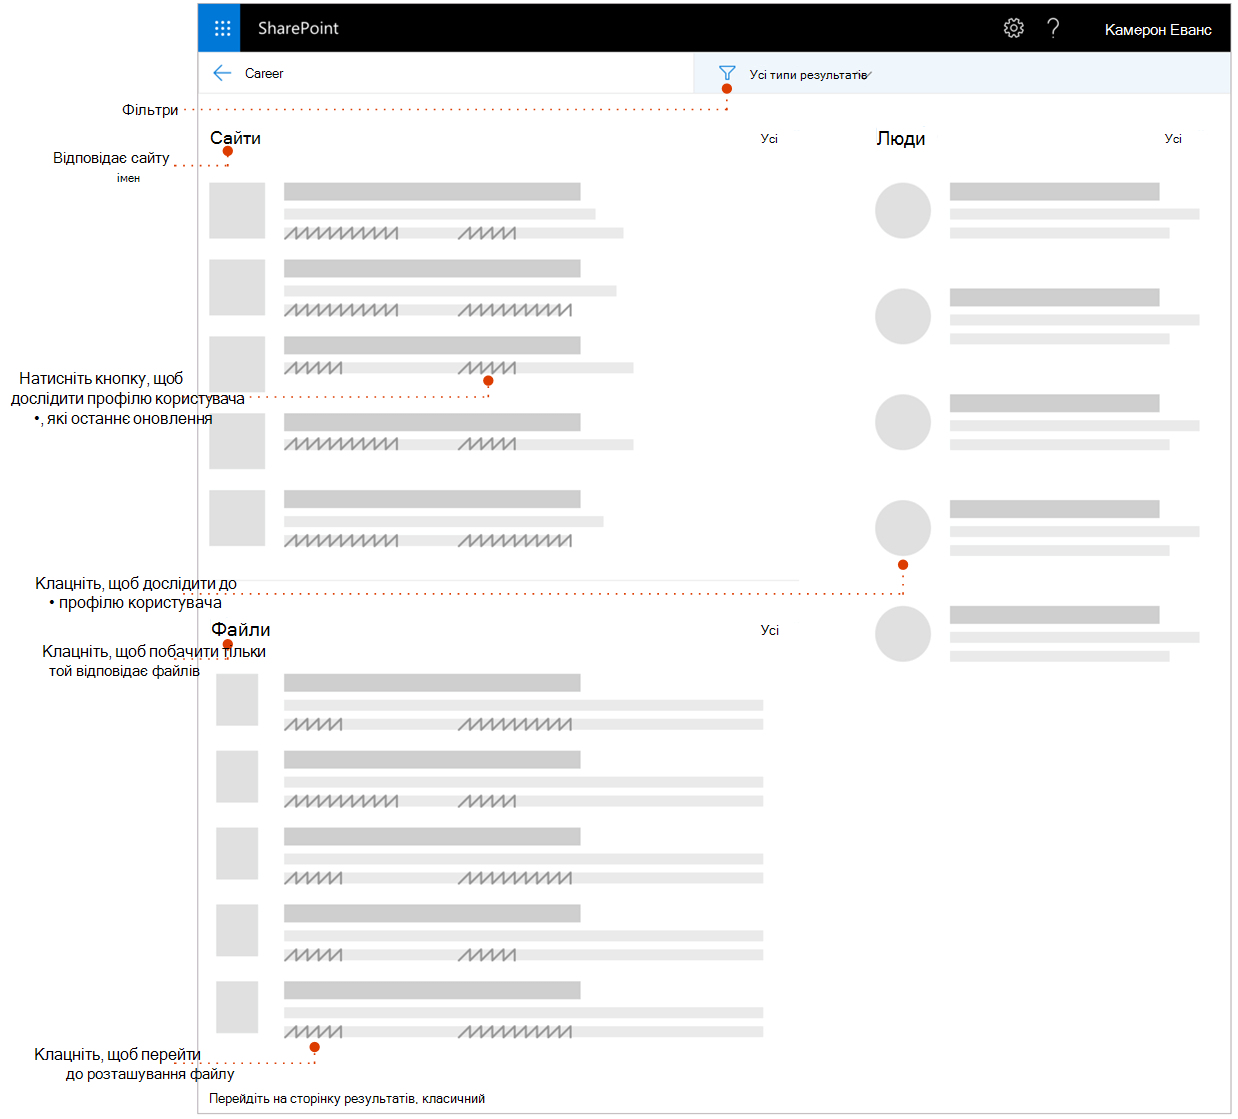 Знімок екрана: пошук результатів сторінки з вказівники на елементи для огляду.